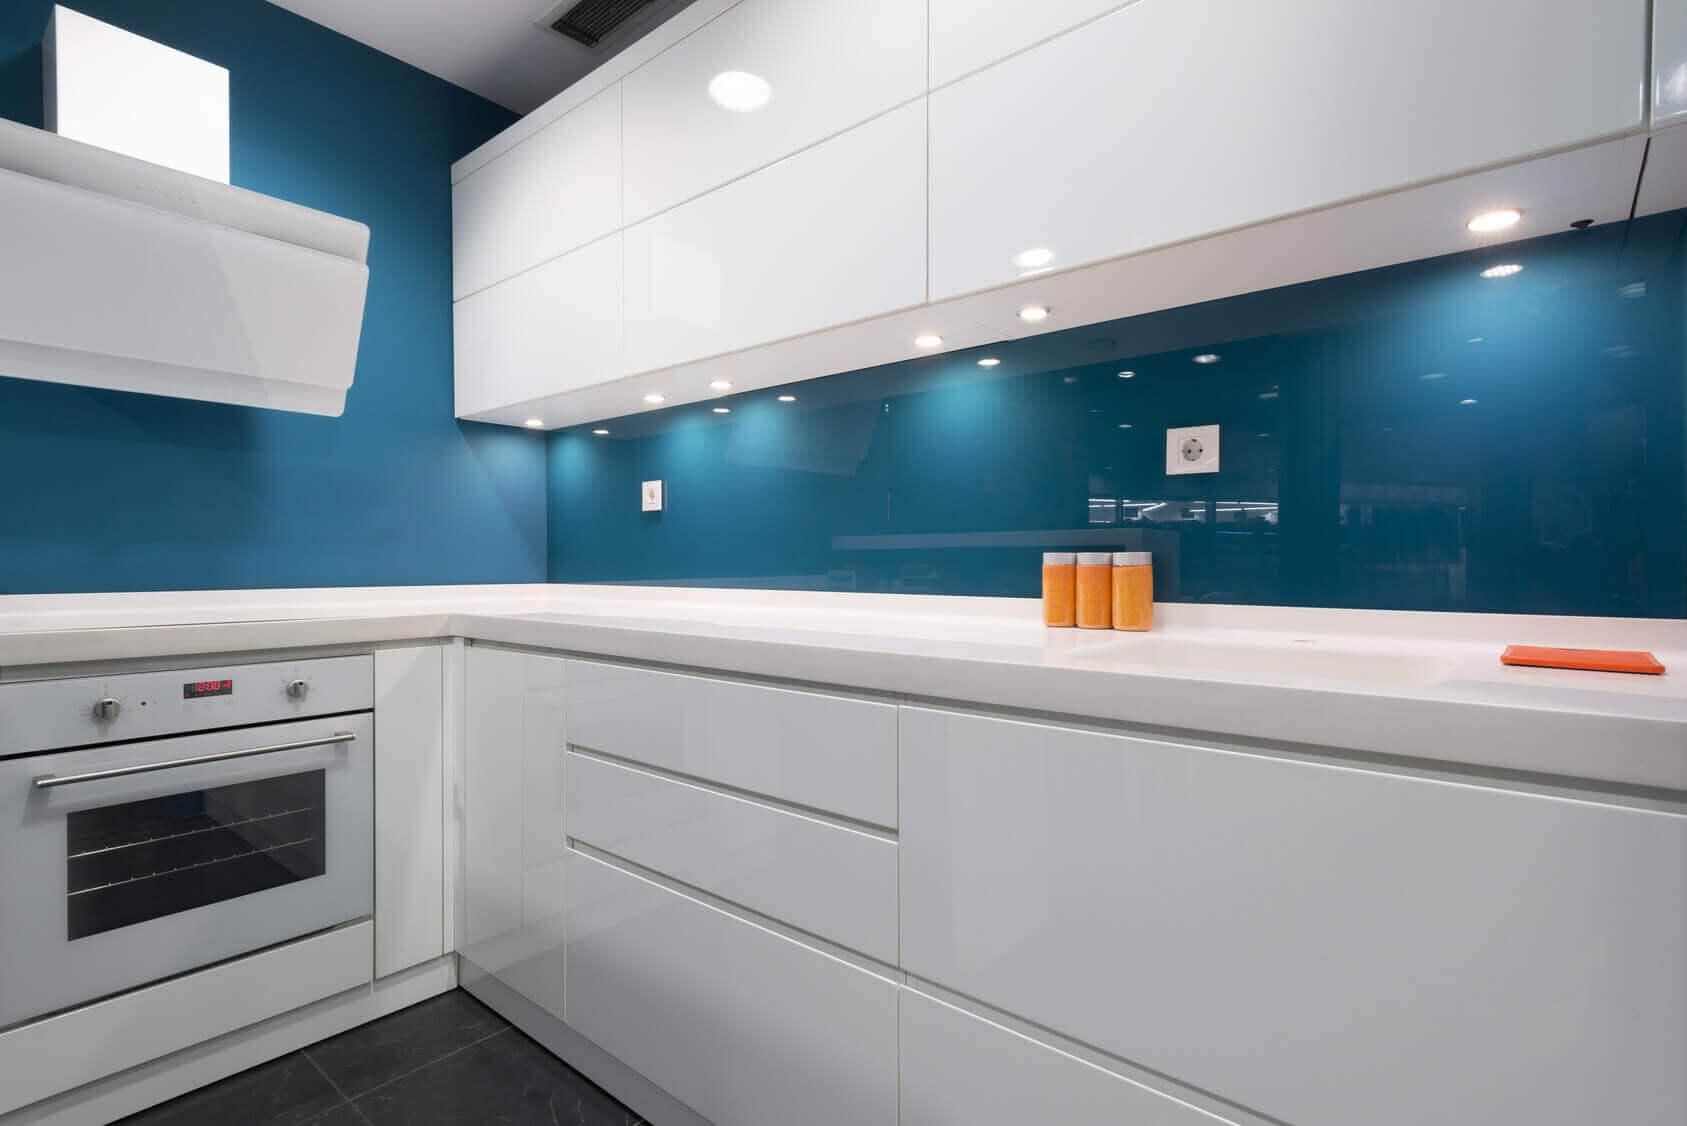 Стеклянный кухонный фартук с подсветкой